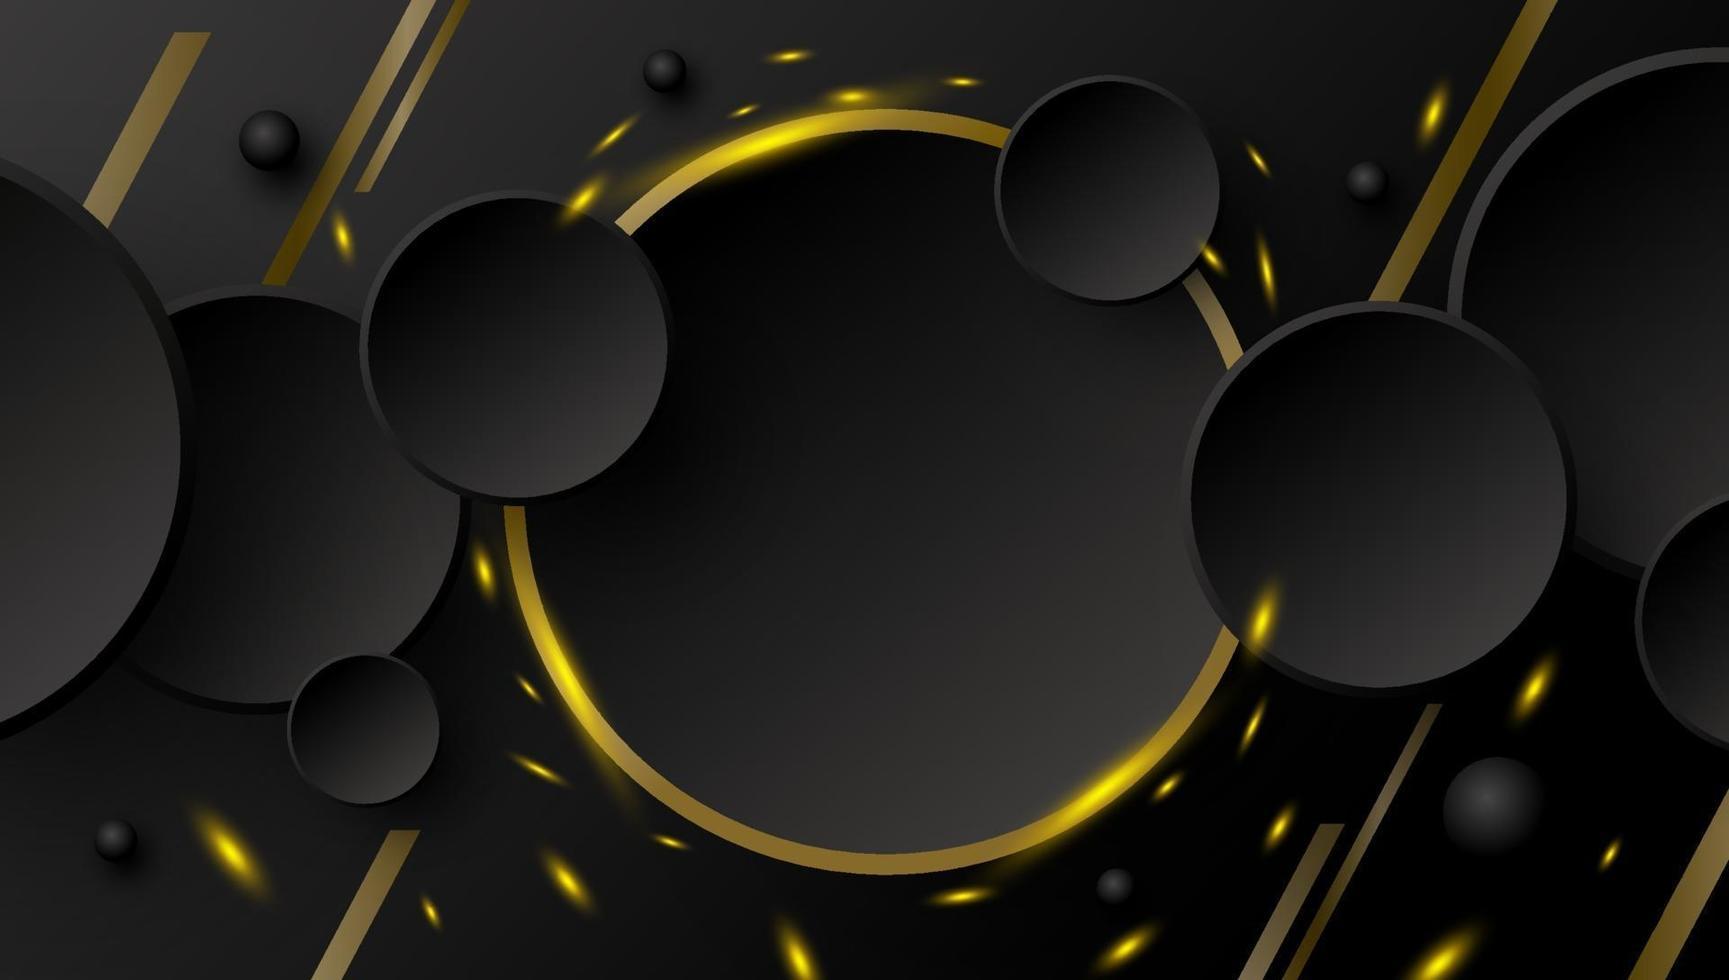 Diseño de banner abstracto de botón circular y línea dorada con chispas sobre fondo negro ilustración vectorial vector